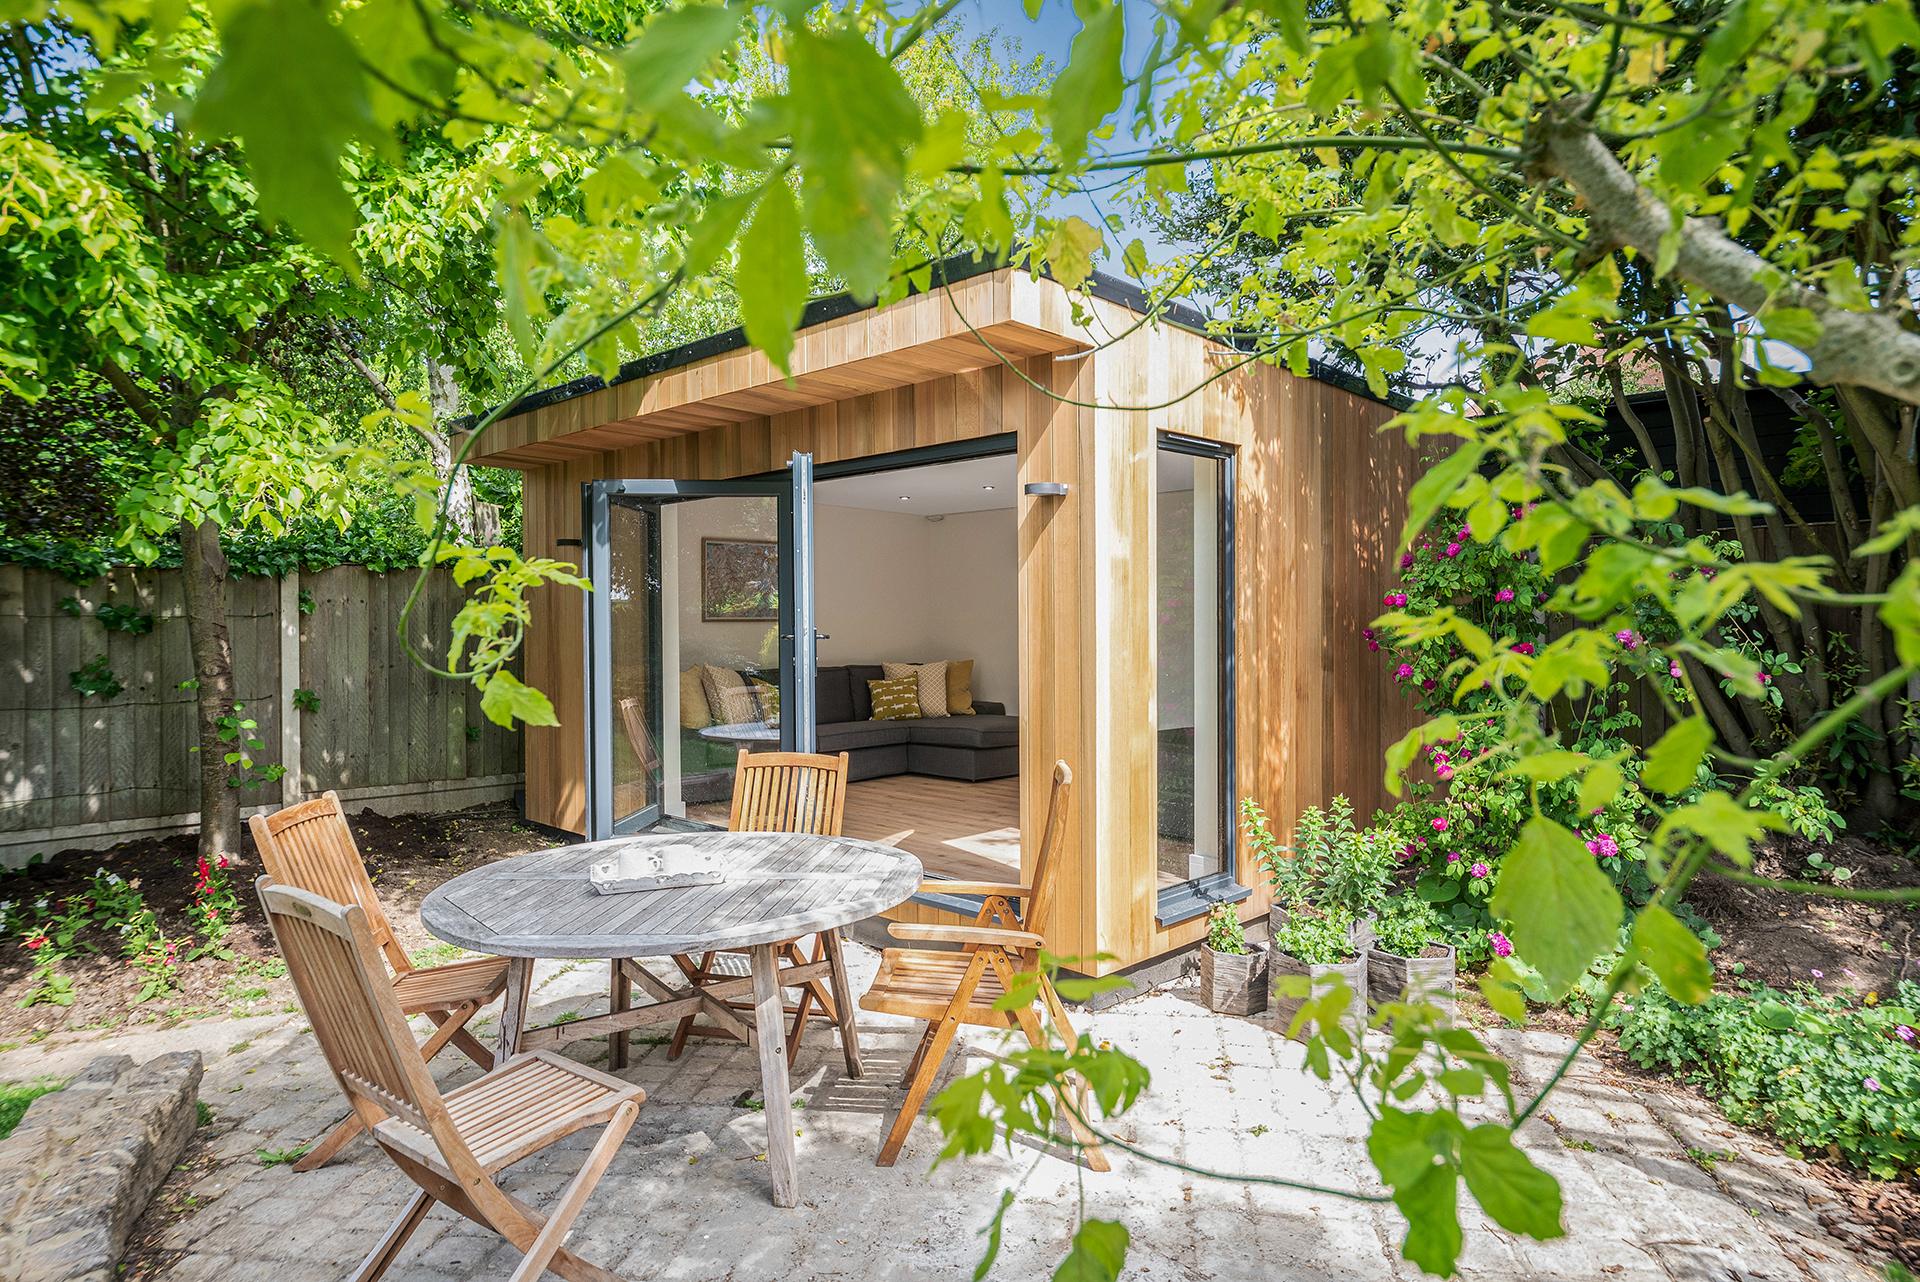 Westcliff-On-Sea Garden Room